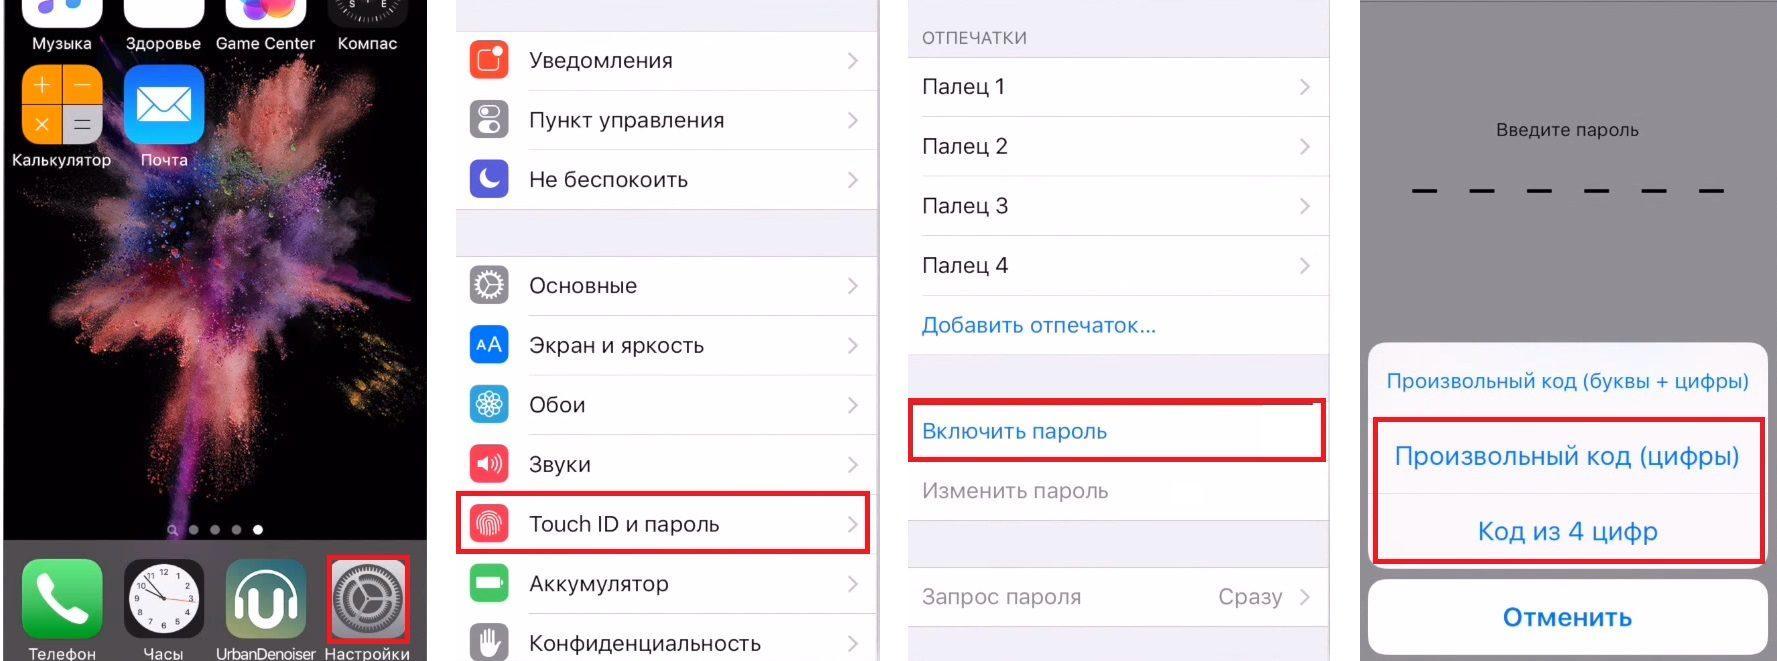 Как сделать пароль на фото iphone